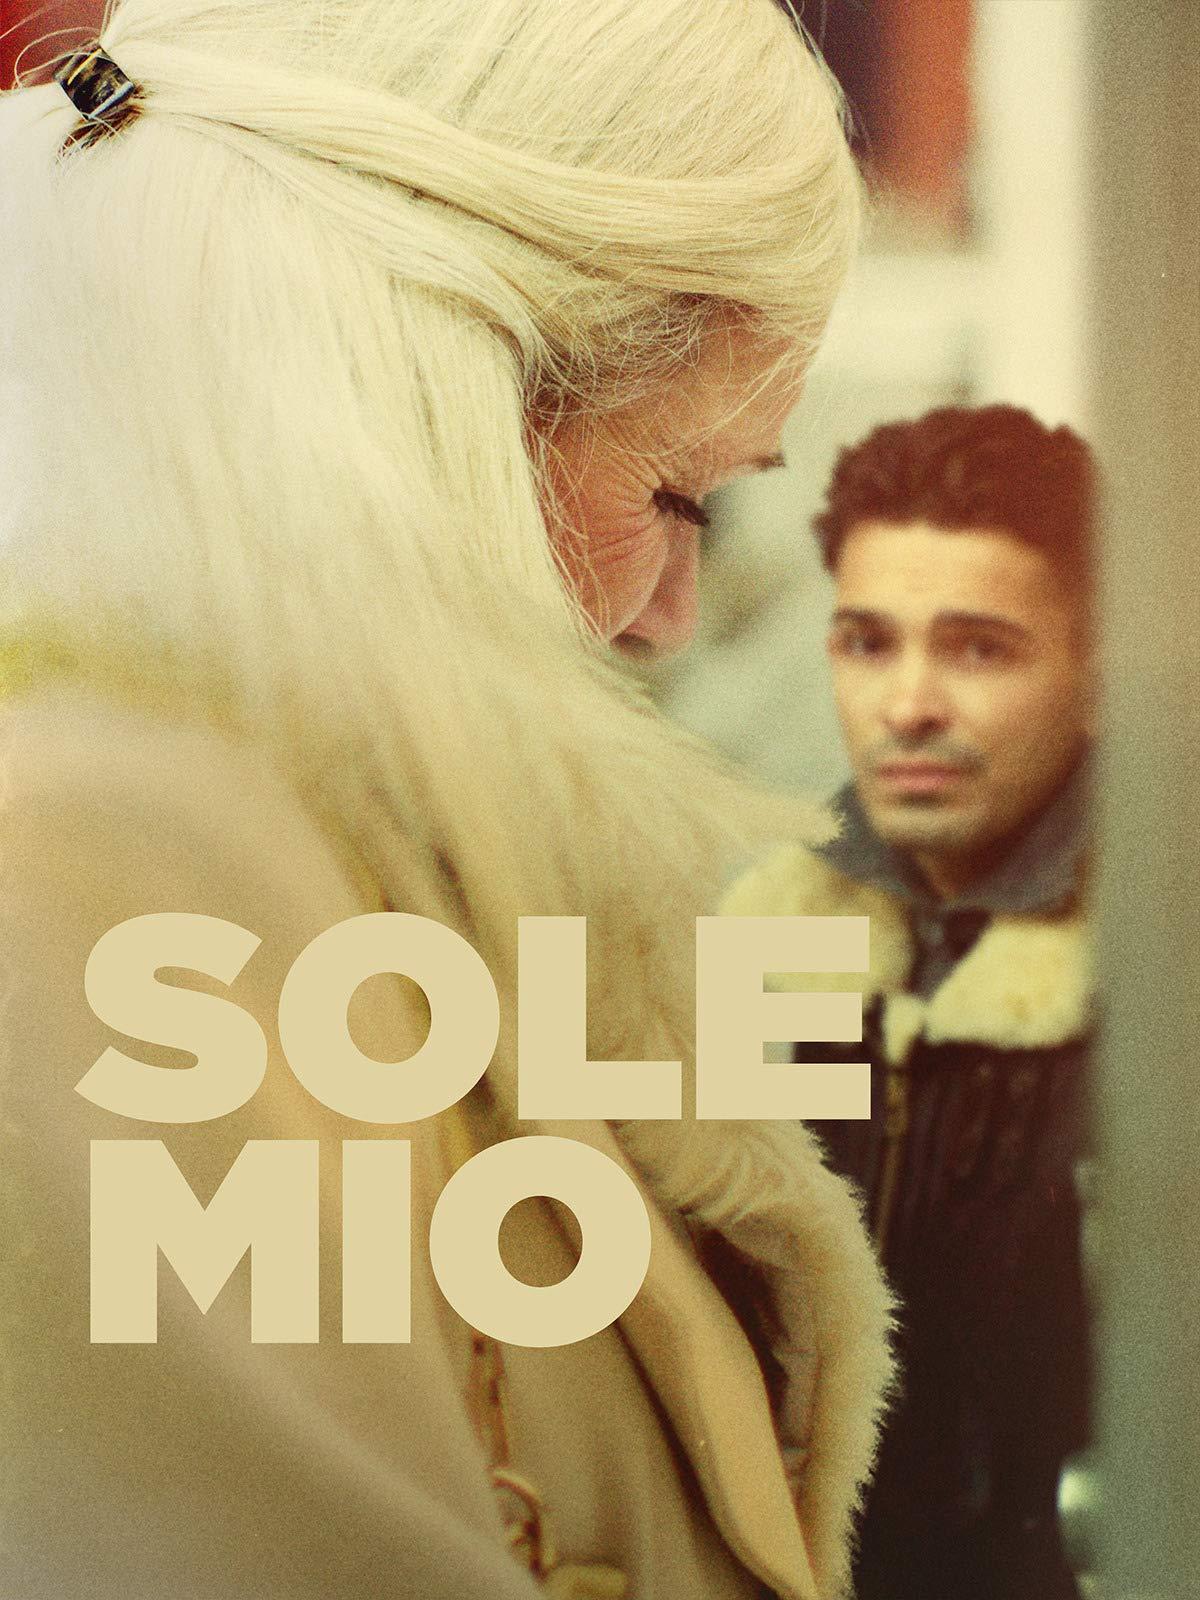 Sole mio on Amazon Prime Video UK